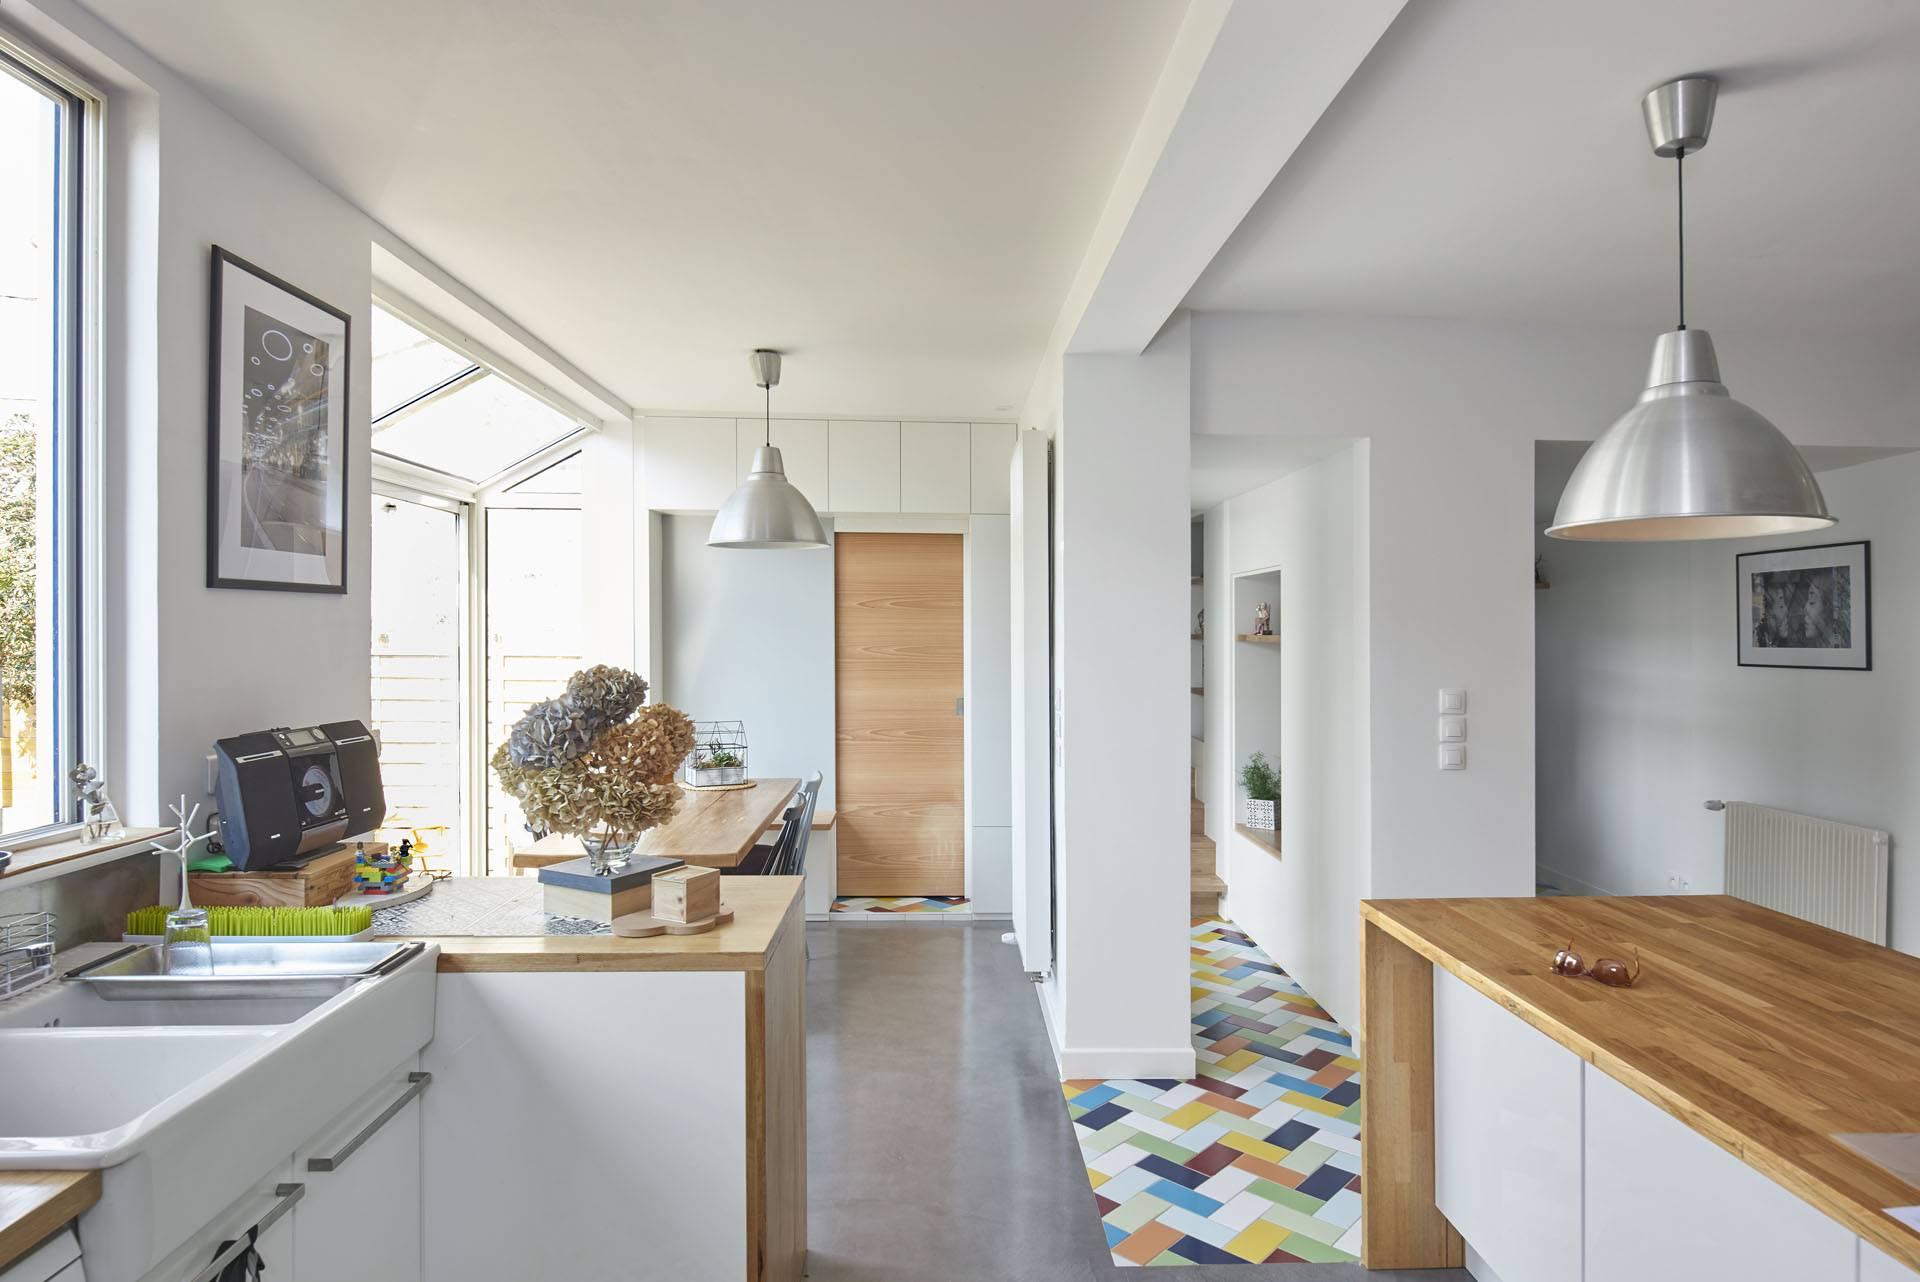 cabinet d 39 architecte dplg bordeaux construction et agrandissement maison 33 roode arag es. Black Bedroom Furniture Sets. Home Design Ideas